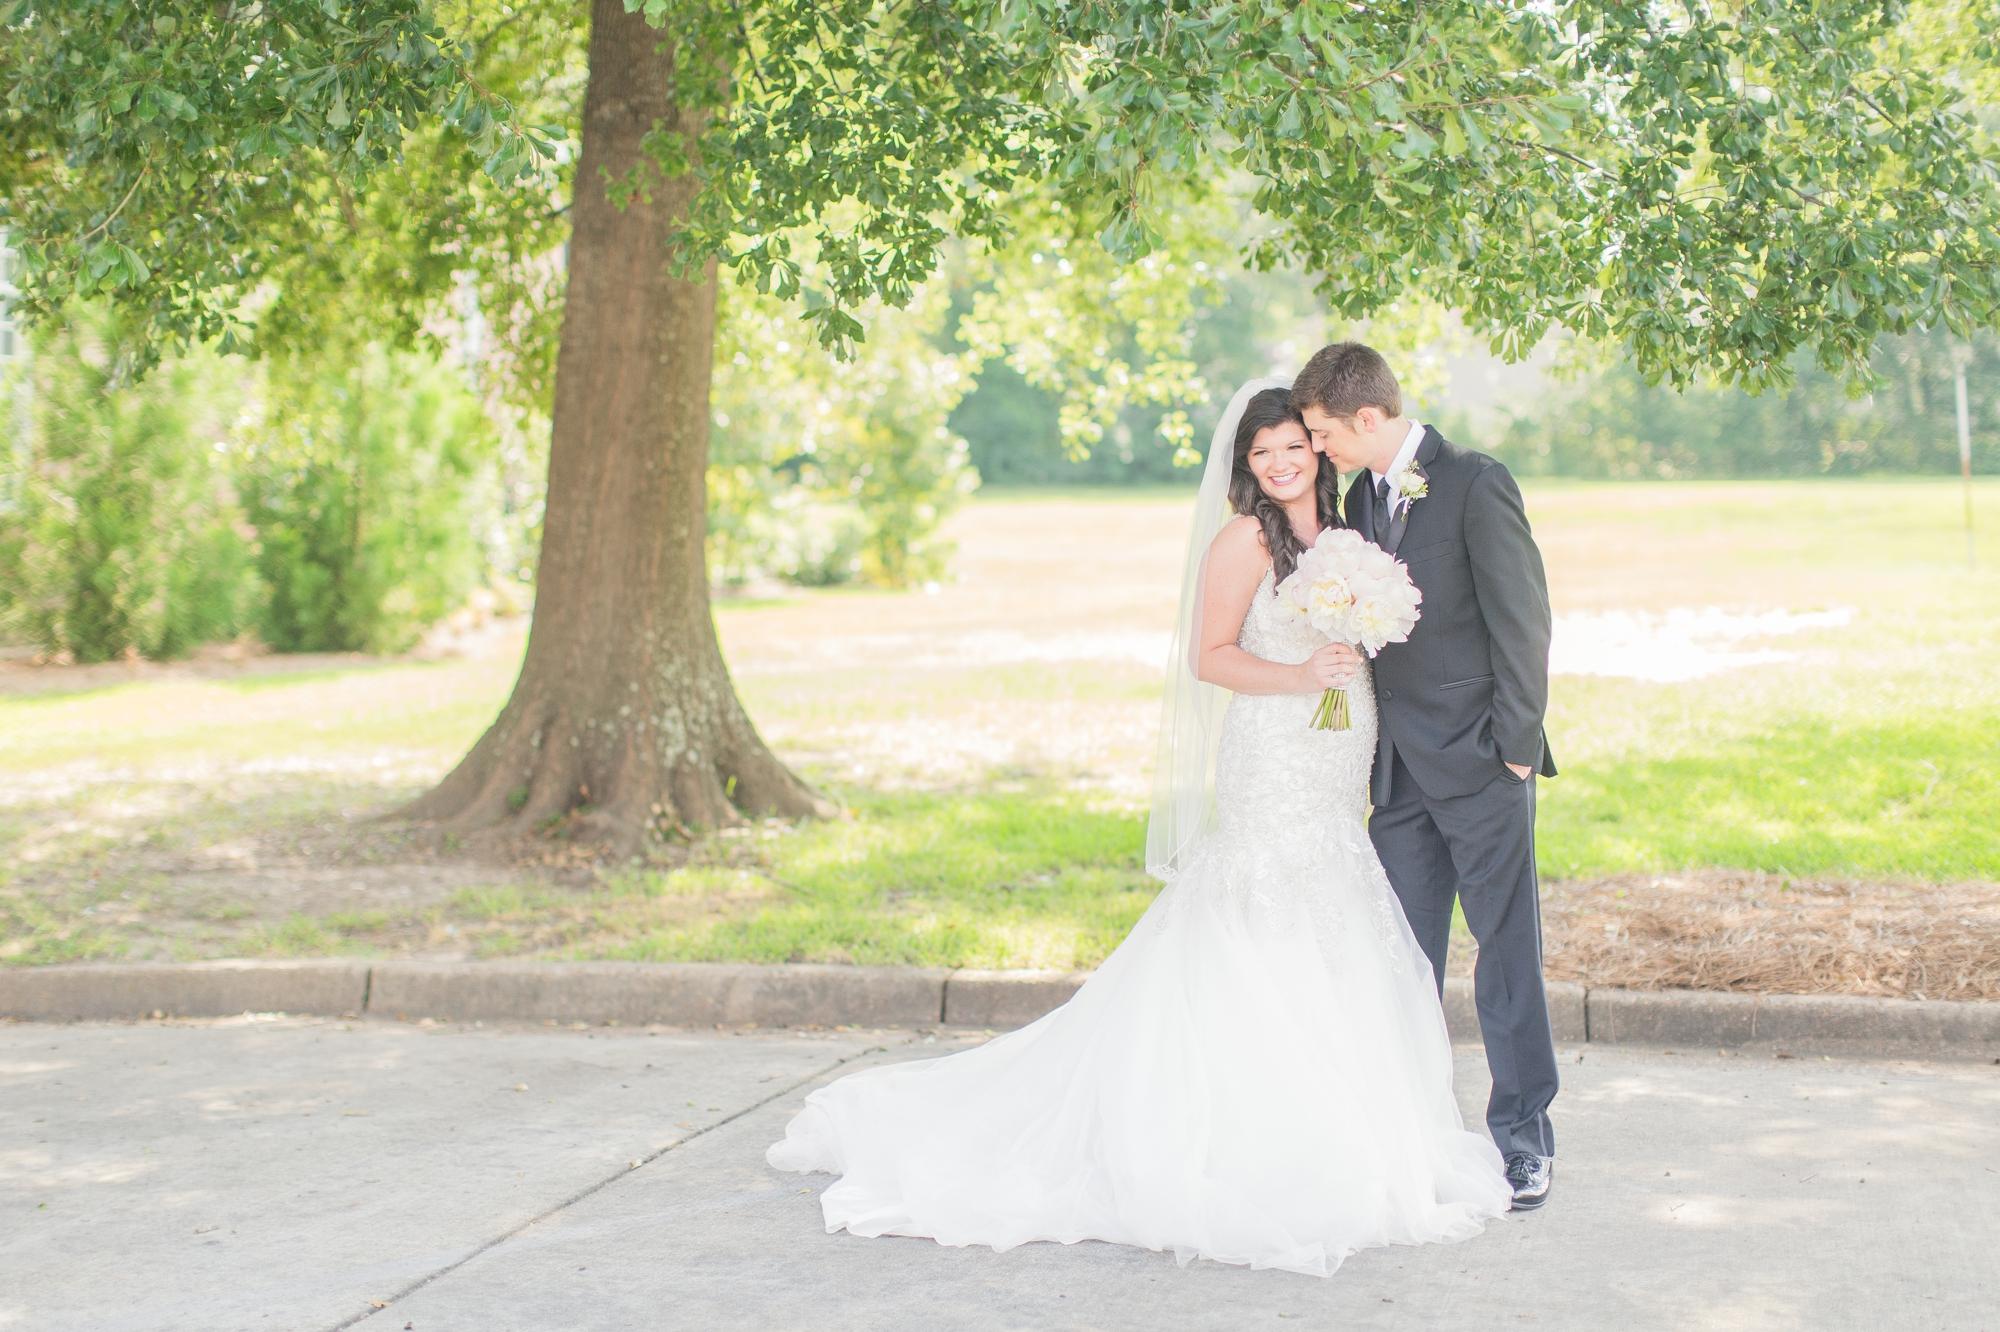 philadelphia-mississippi-summer-wedding 24.jpg